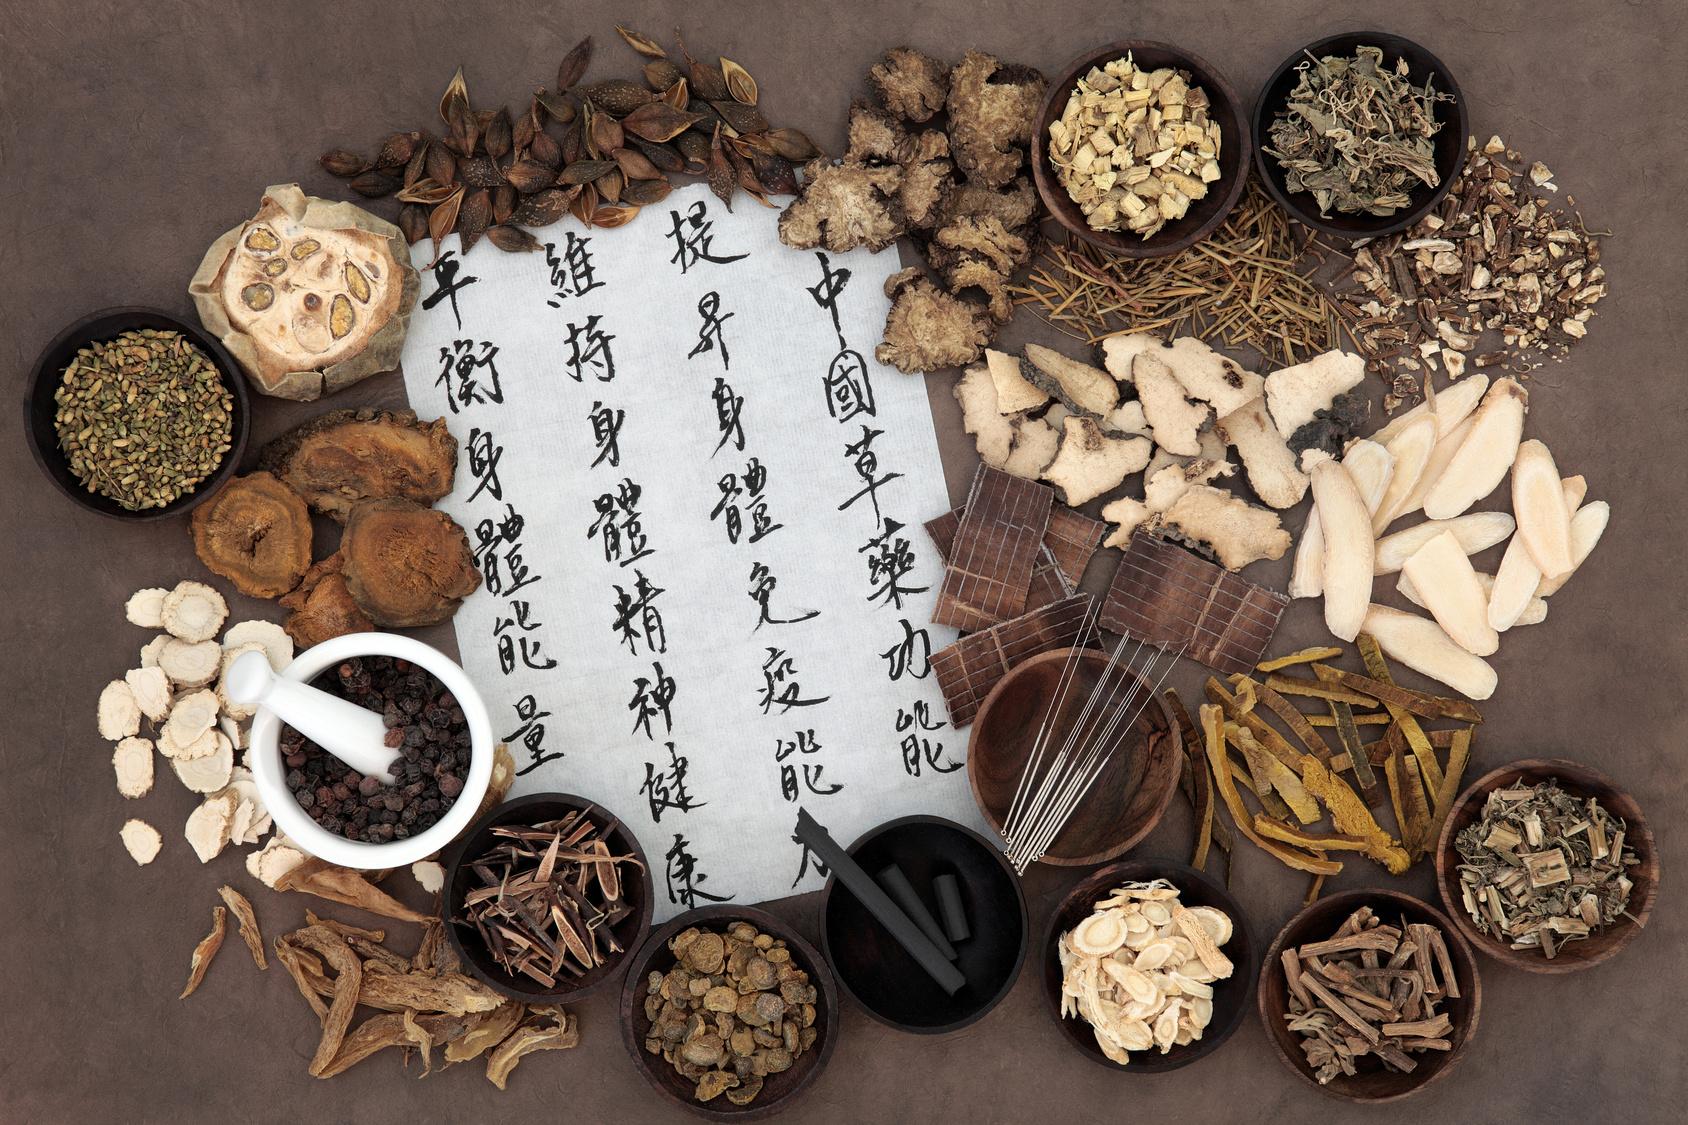 chinesische Arzneimitteltherapie